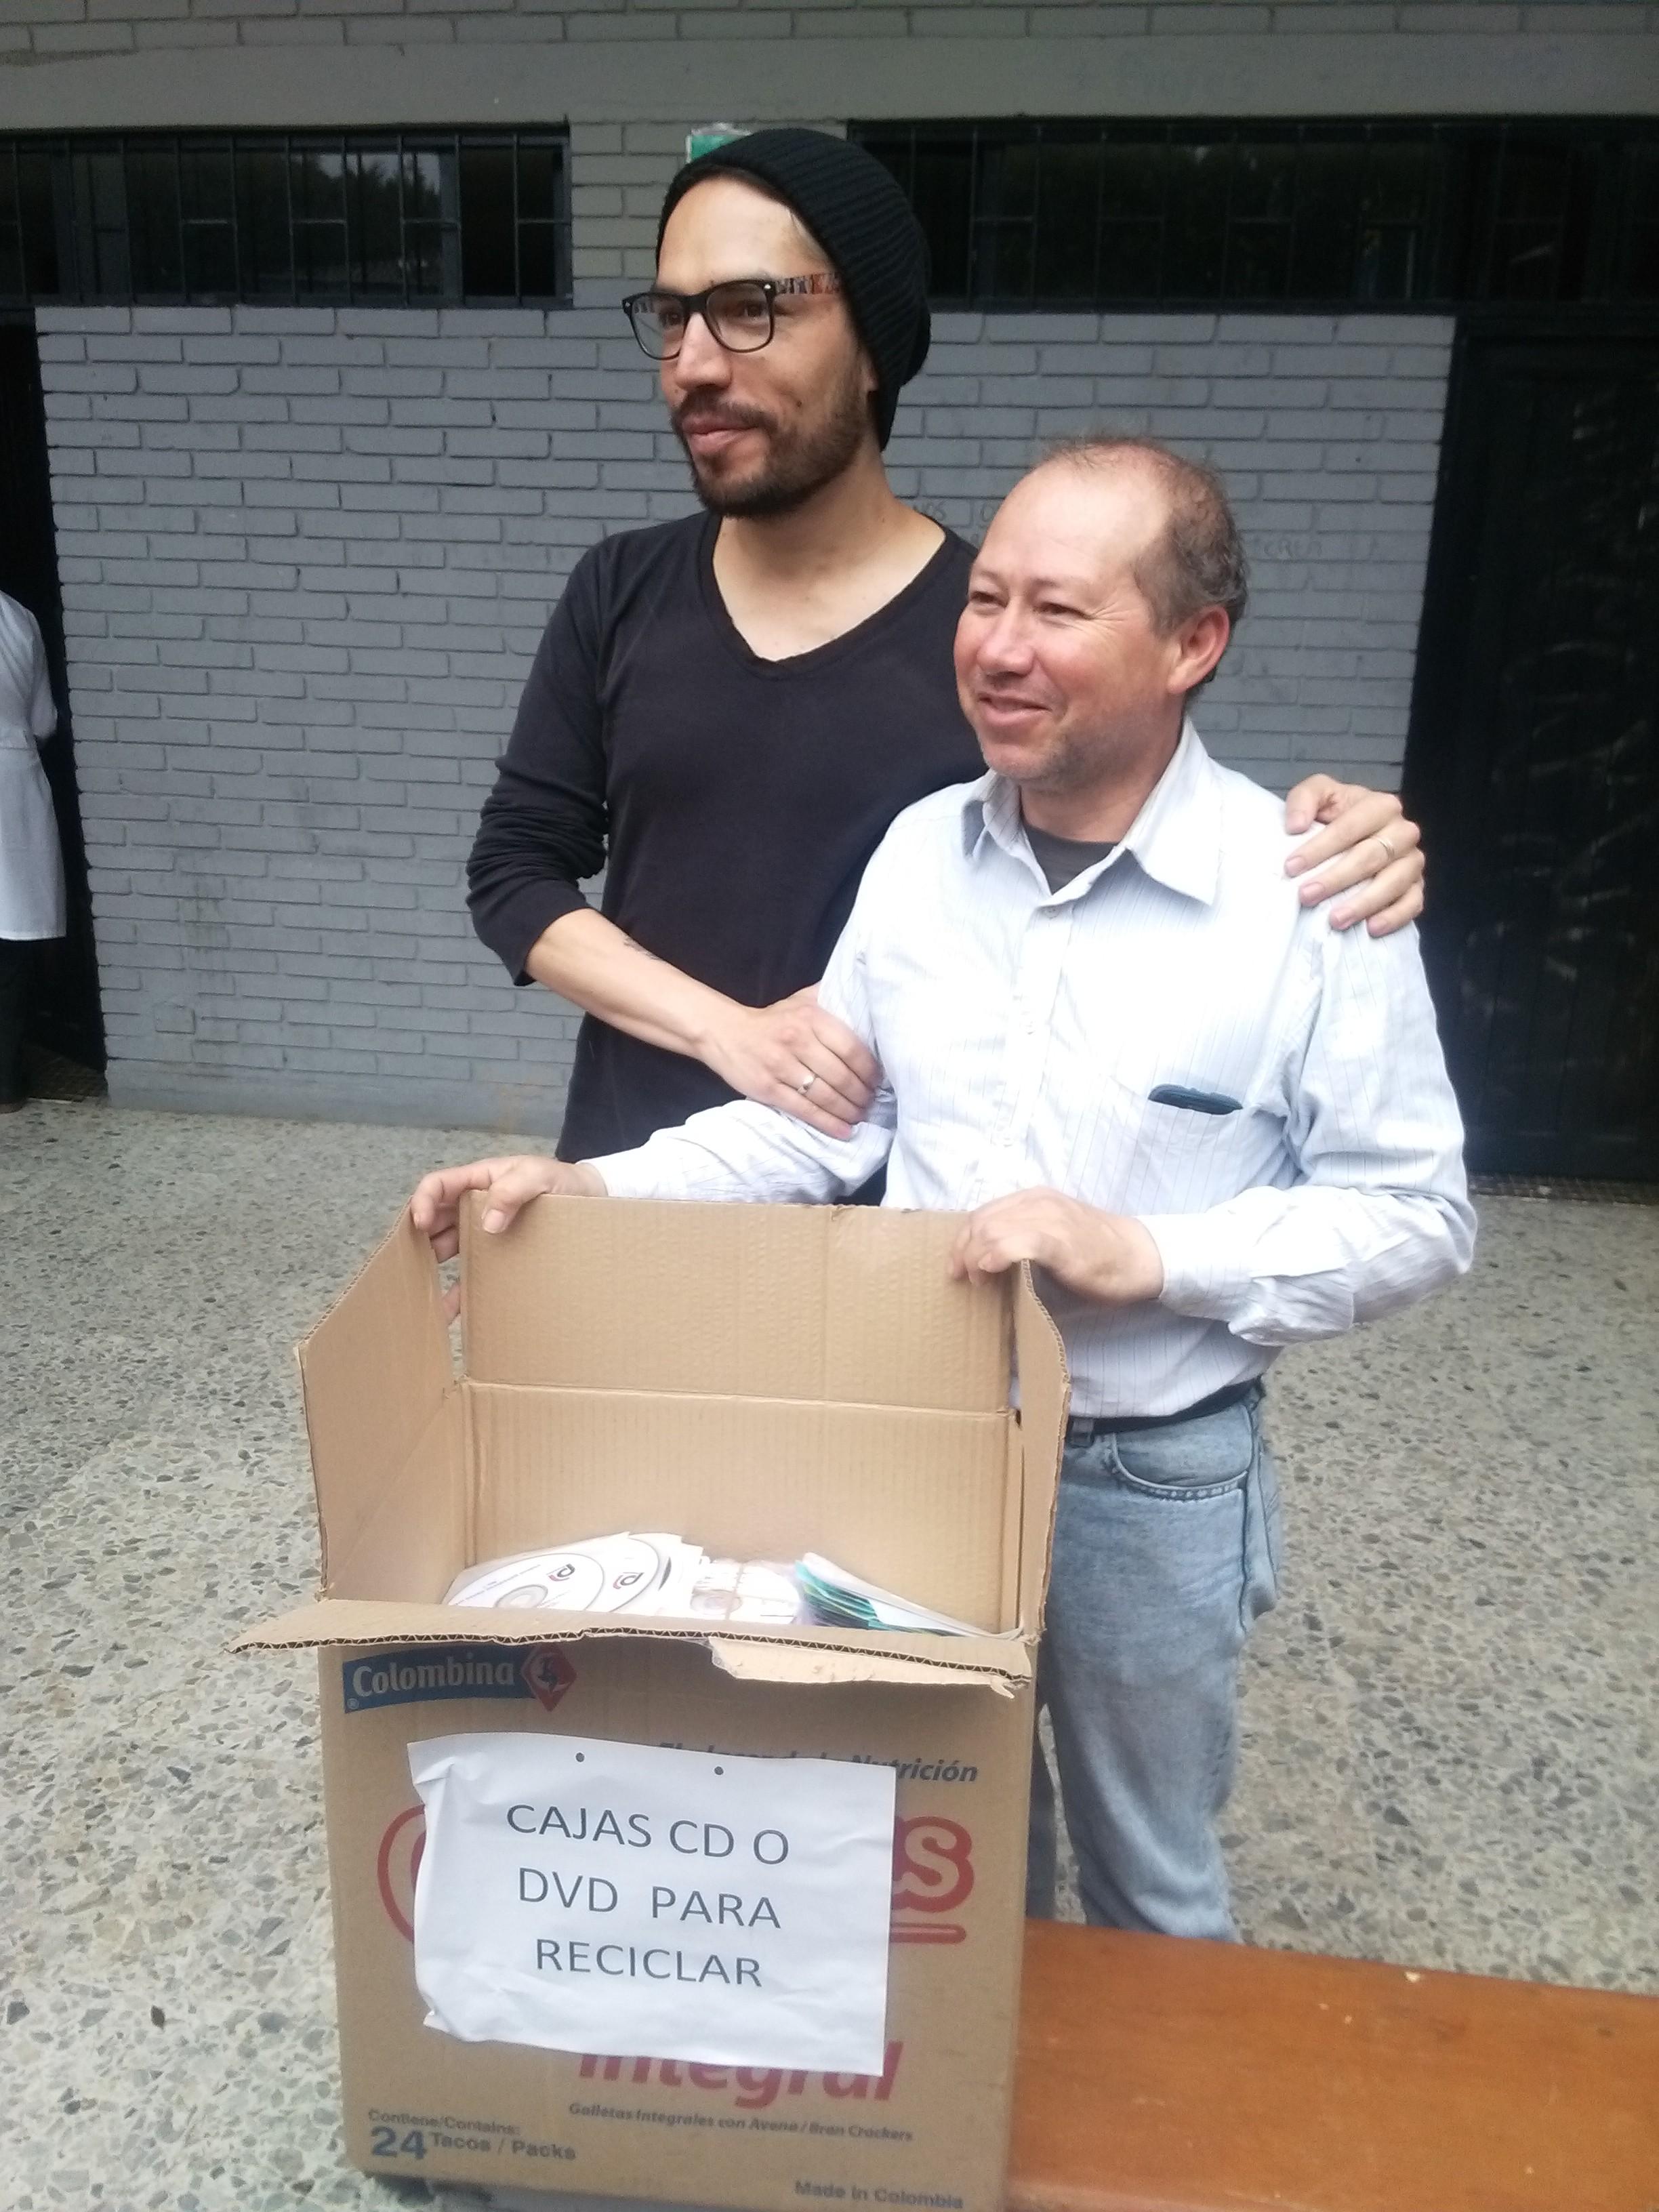 fotografia de funcionarios de la UPN donando Cd y DVD para participar en la actividad de de lola la rockola